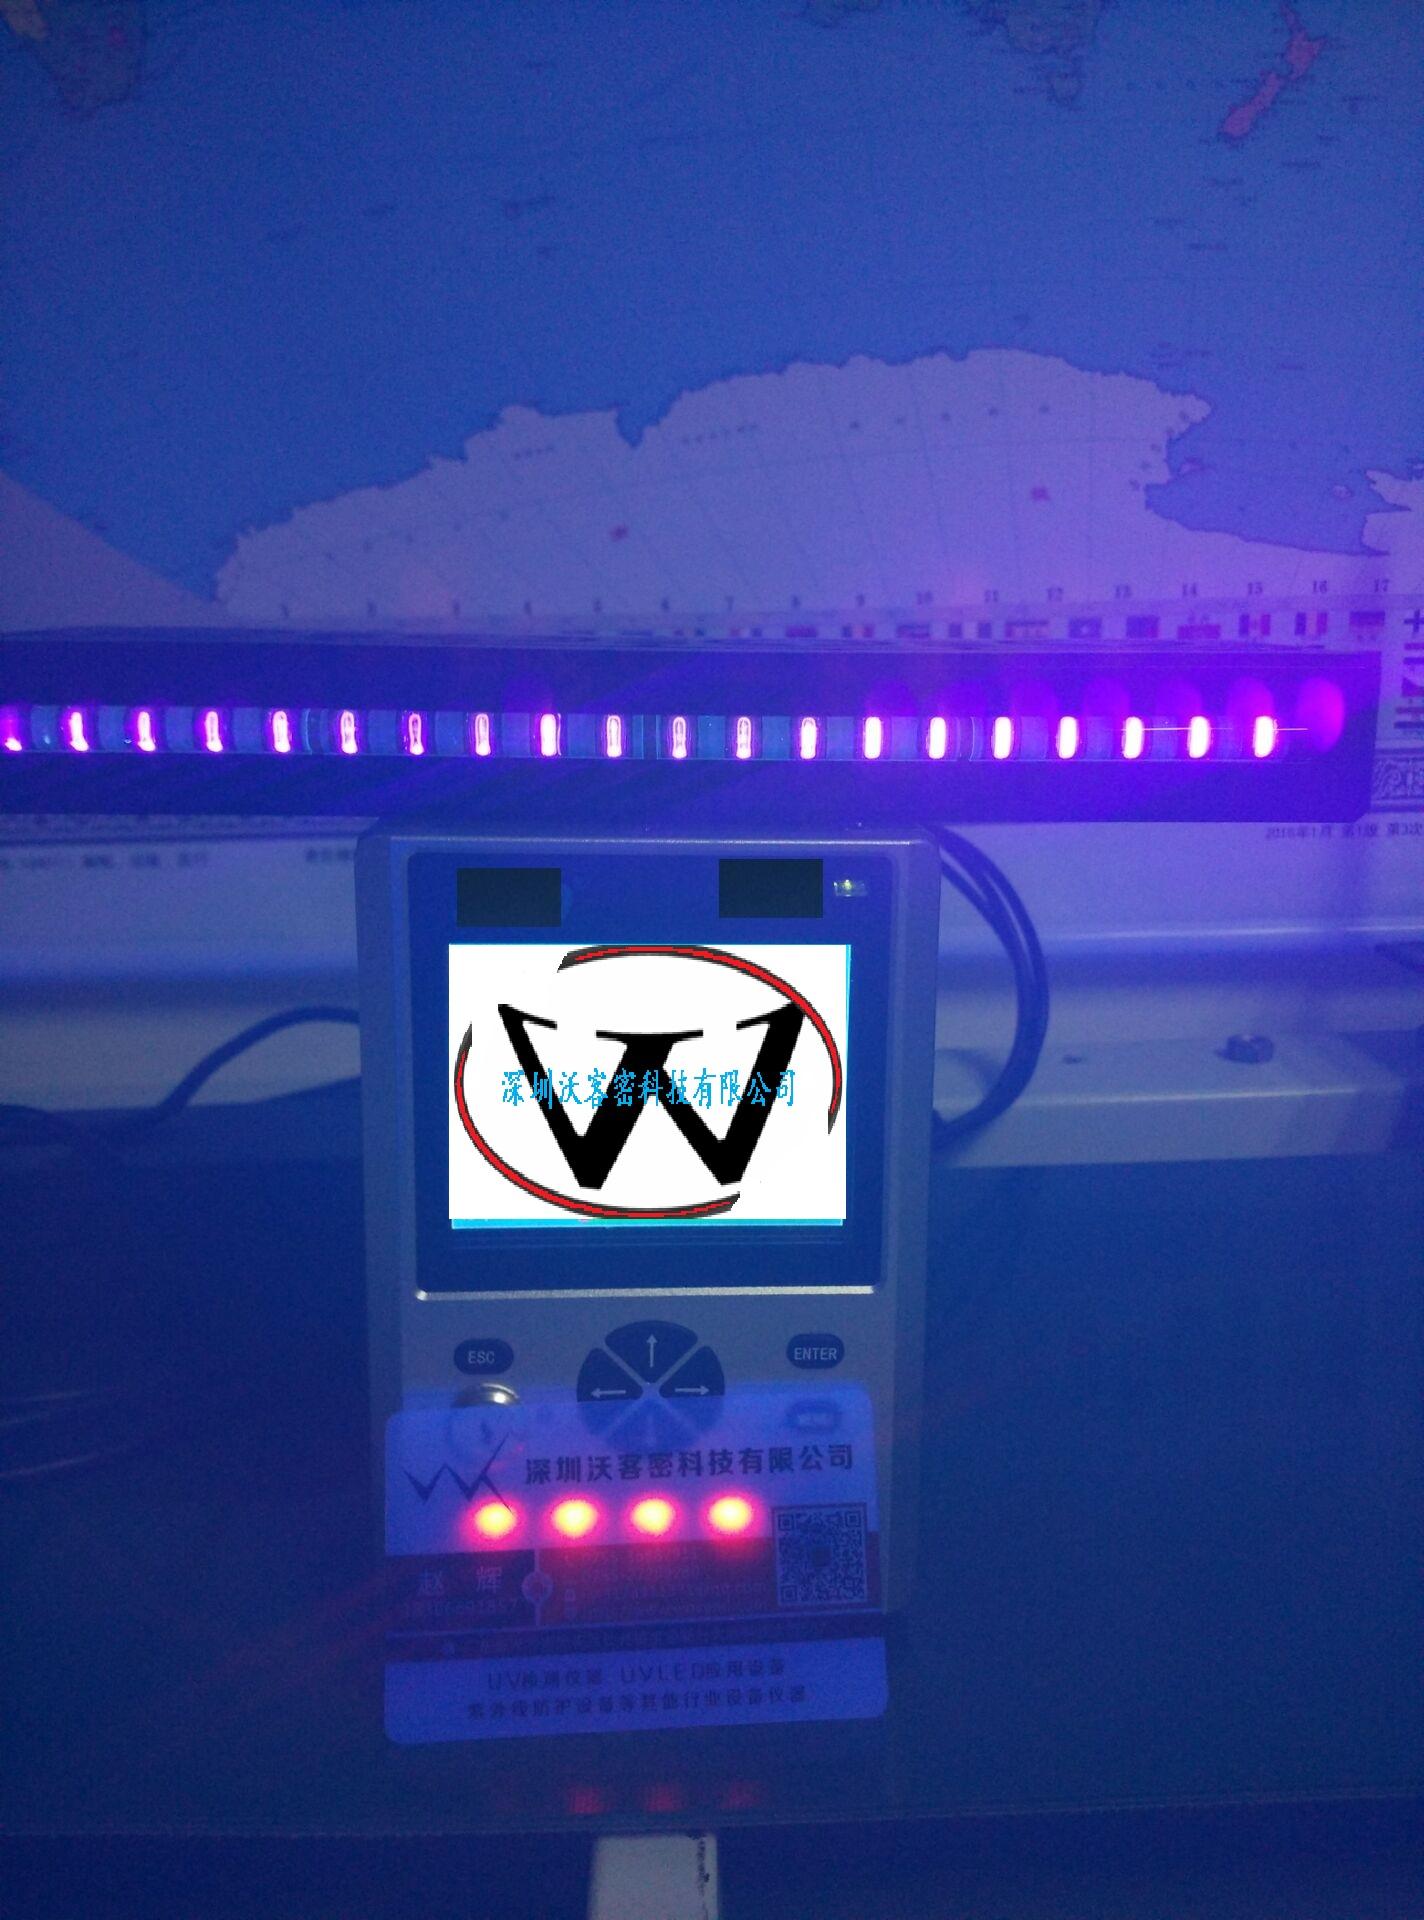 批发固化灯uvled固化灯手机贴膜uv胶固化灯LED紫外线迷你消毒灯